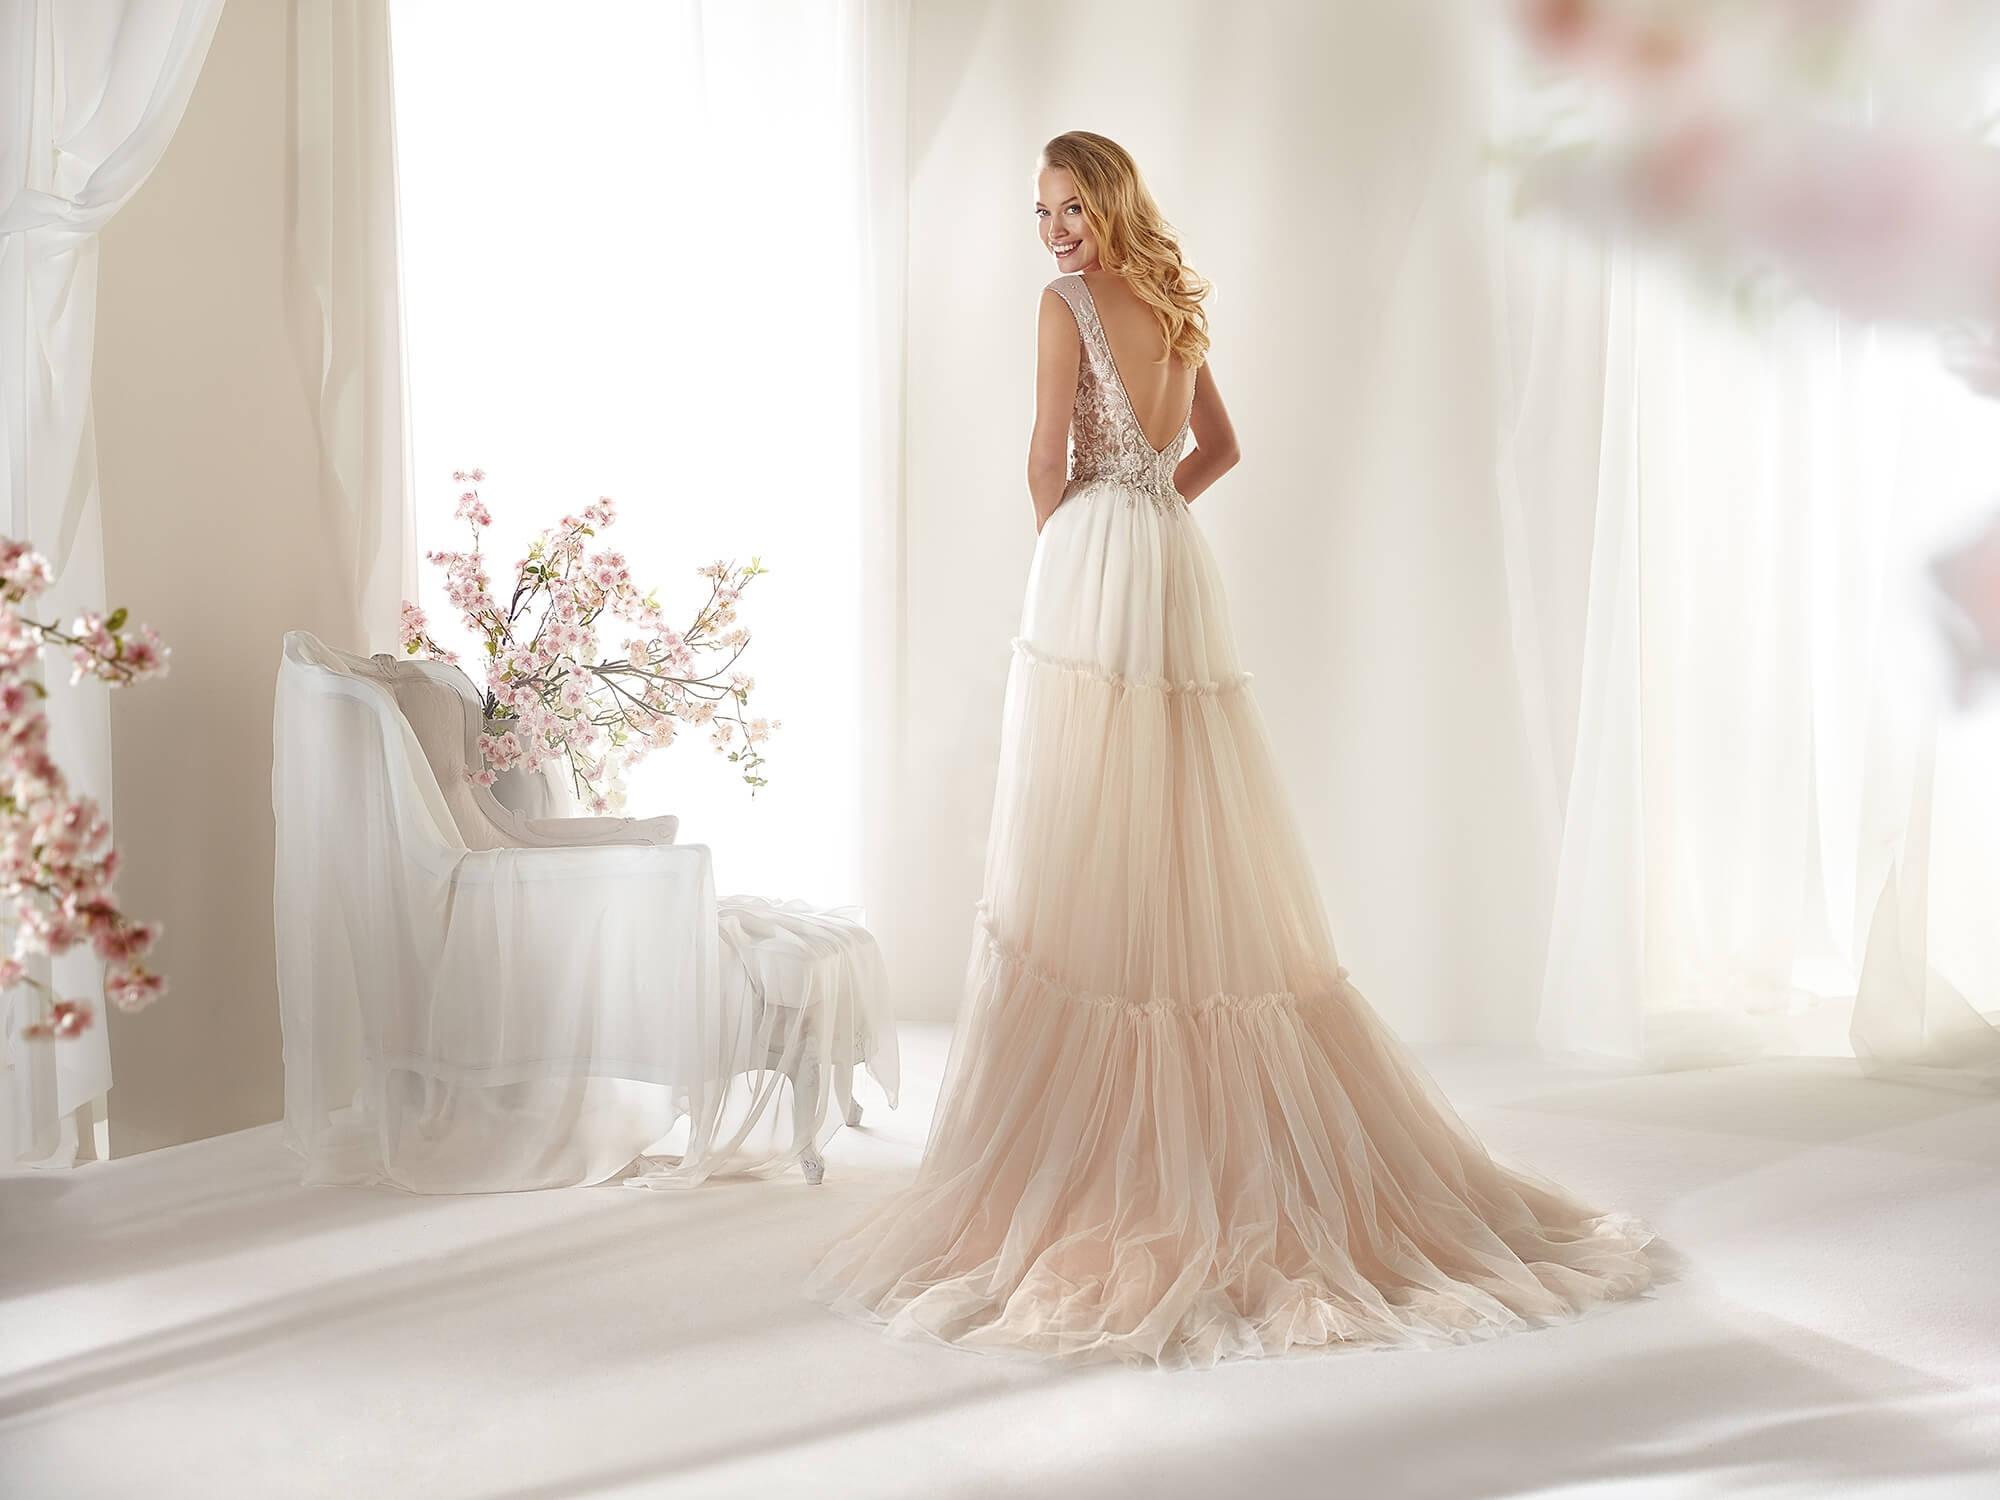 Abend Schön Brautkleider Bester PreisFormal Ausgezeichnet Brautkleider Spezialgebiet